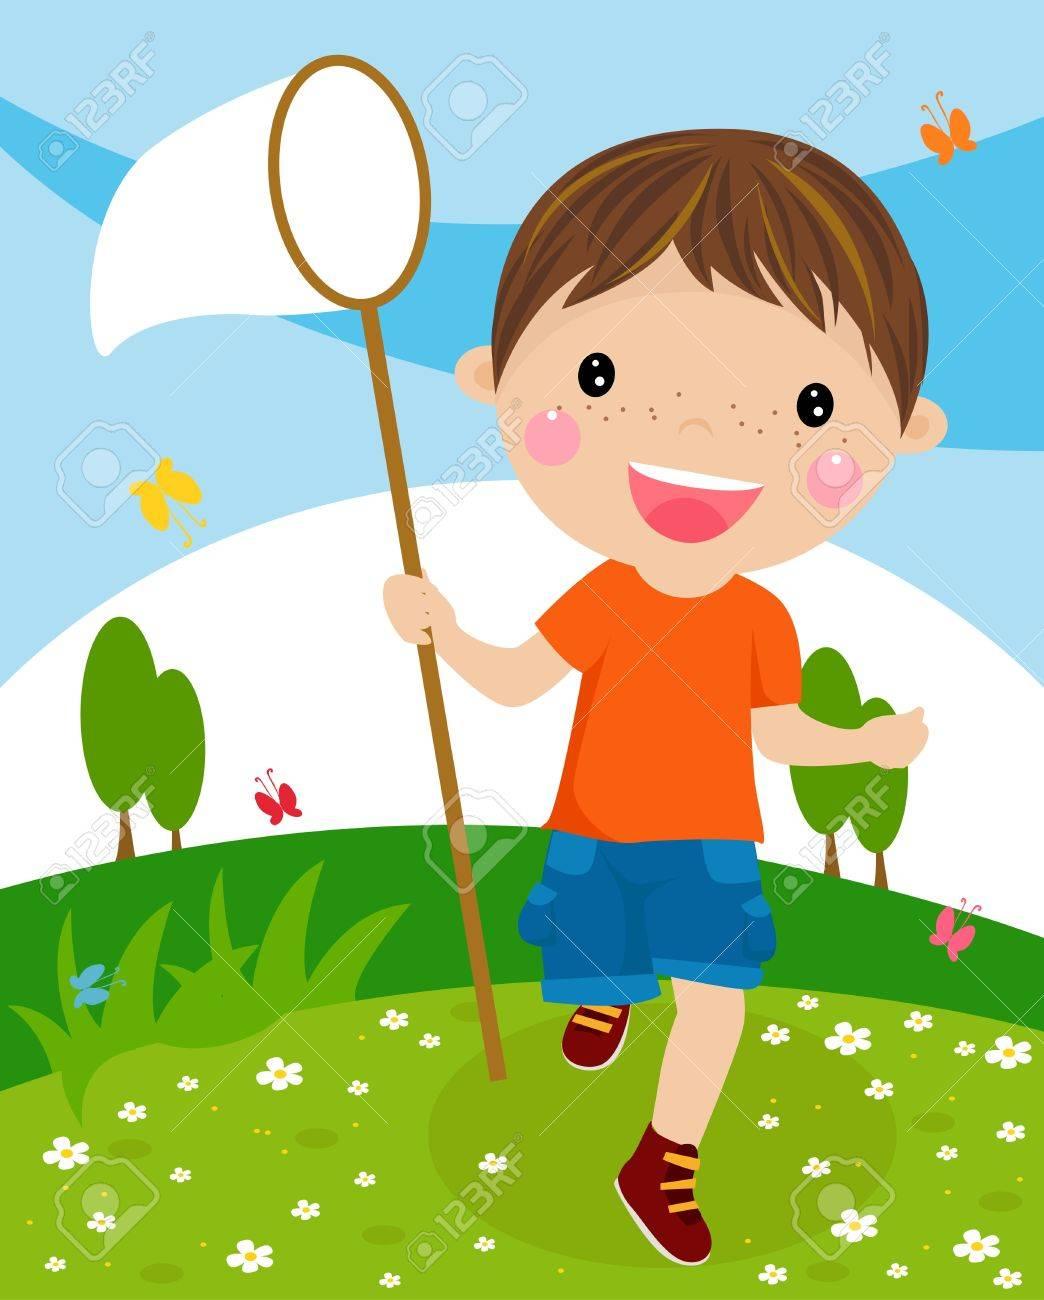 虫取り網を持った素敵な少年のイラストのイラスト素材ベクタ Image